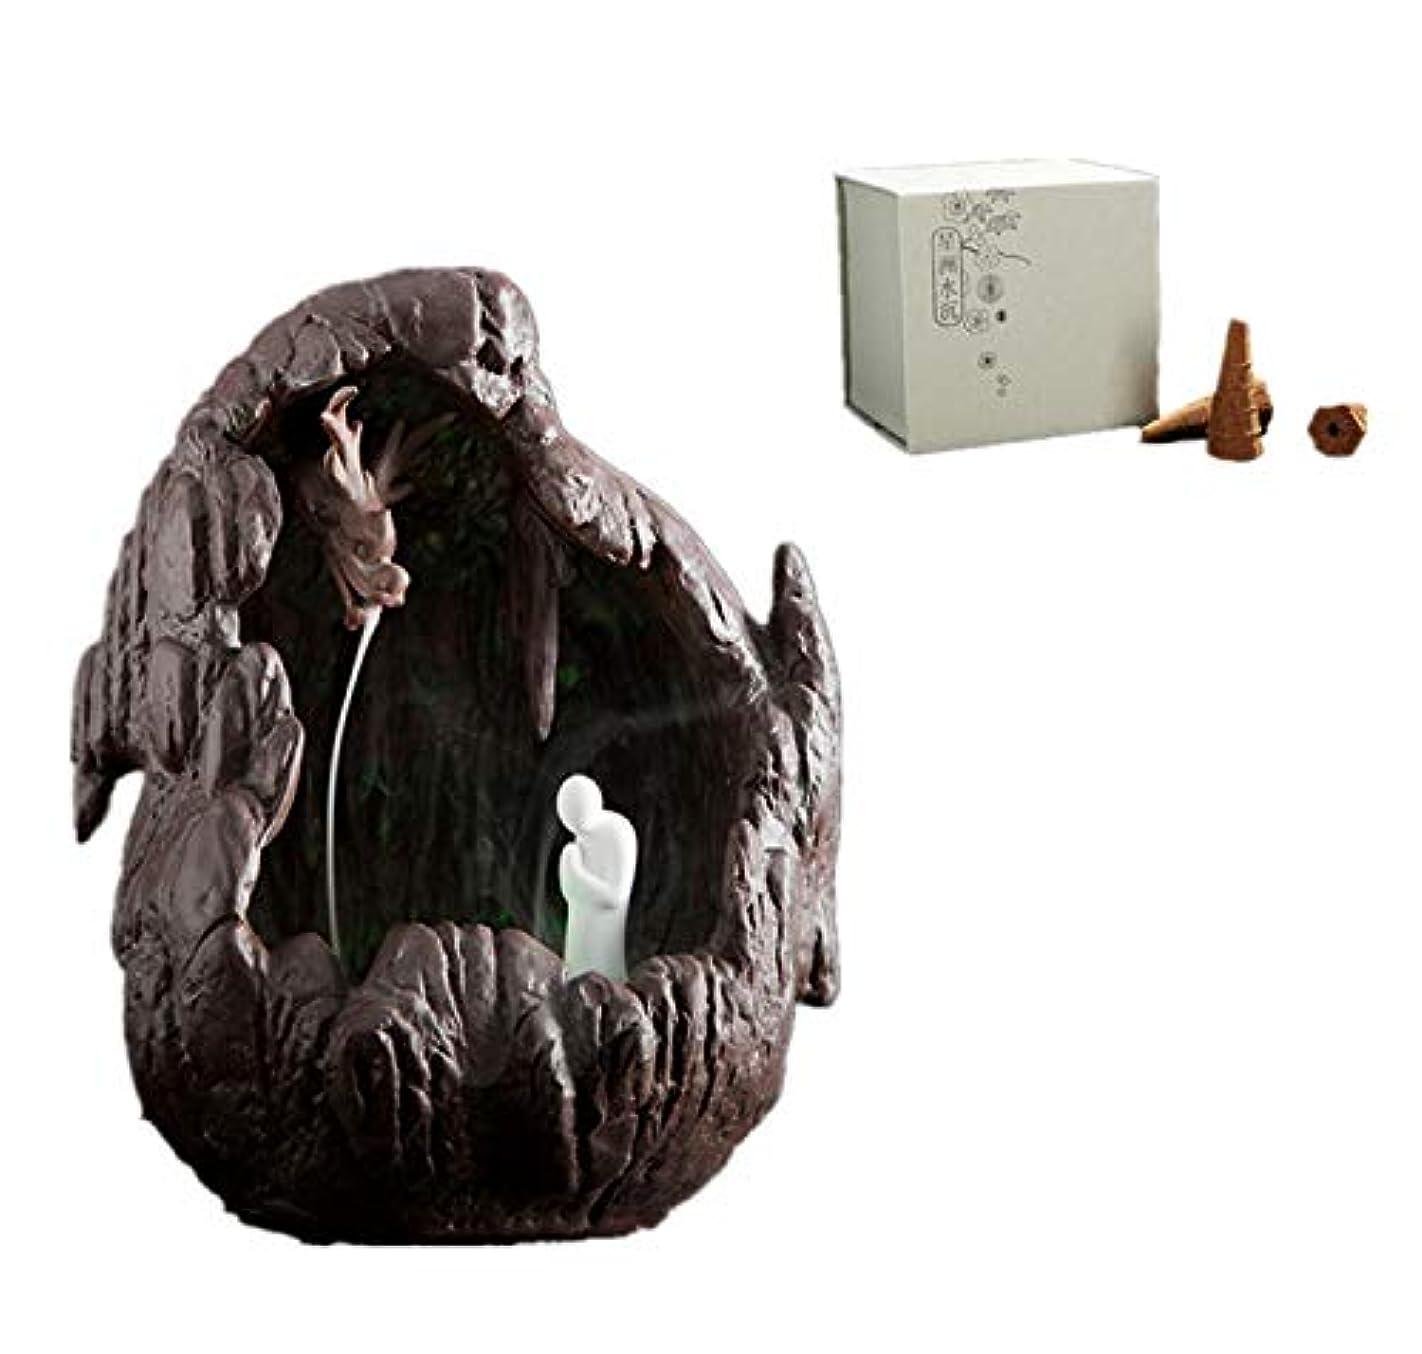 歯痛バランス若者XPPXPP Reflux Incense Burner, Ceramic Incense Burner, With 40pcs Reflux Cone, Suitable For Home Decoration